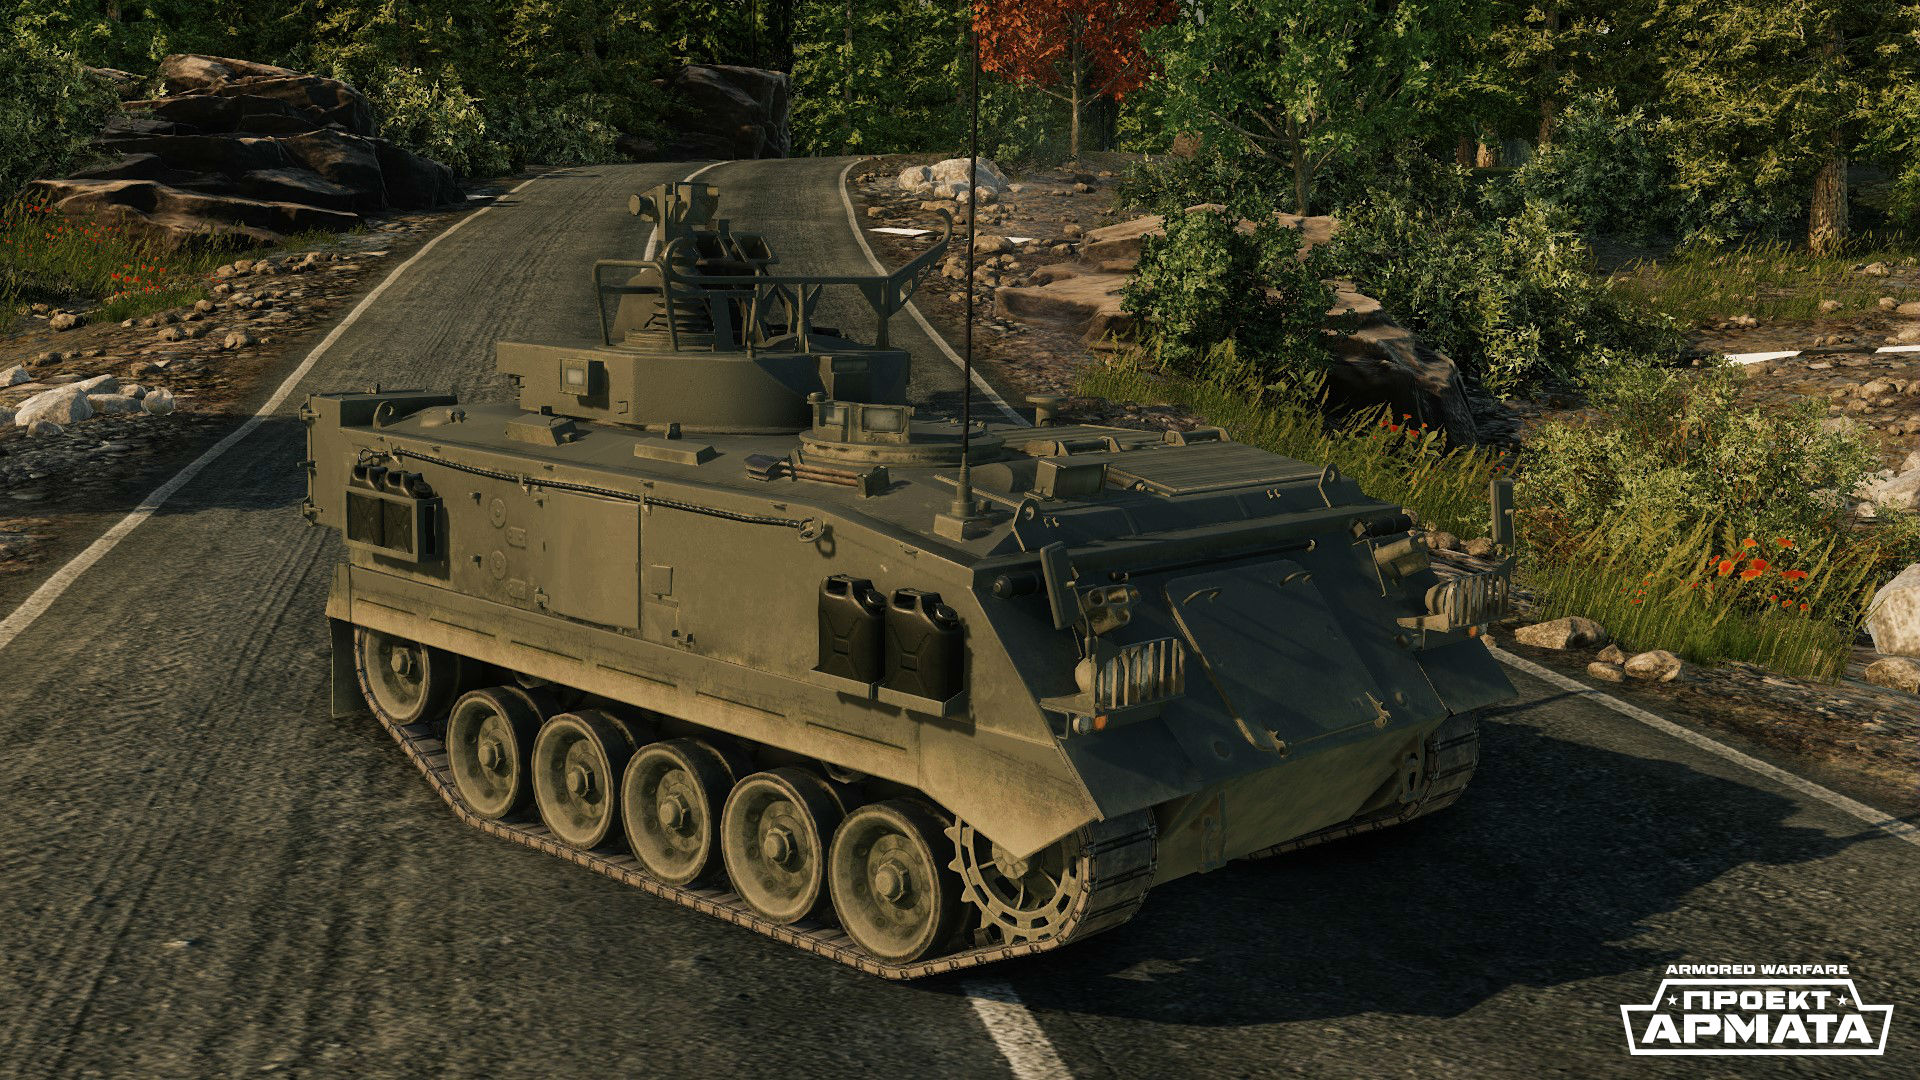 fv438-swingfire-3